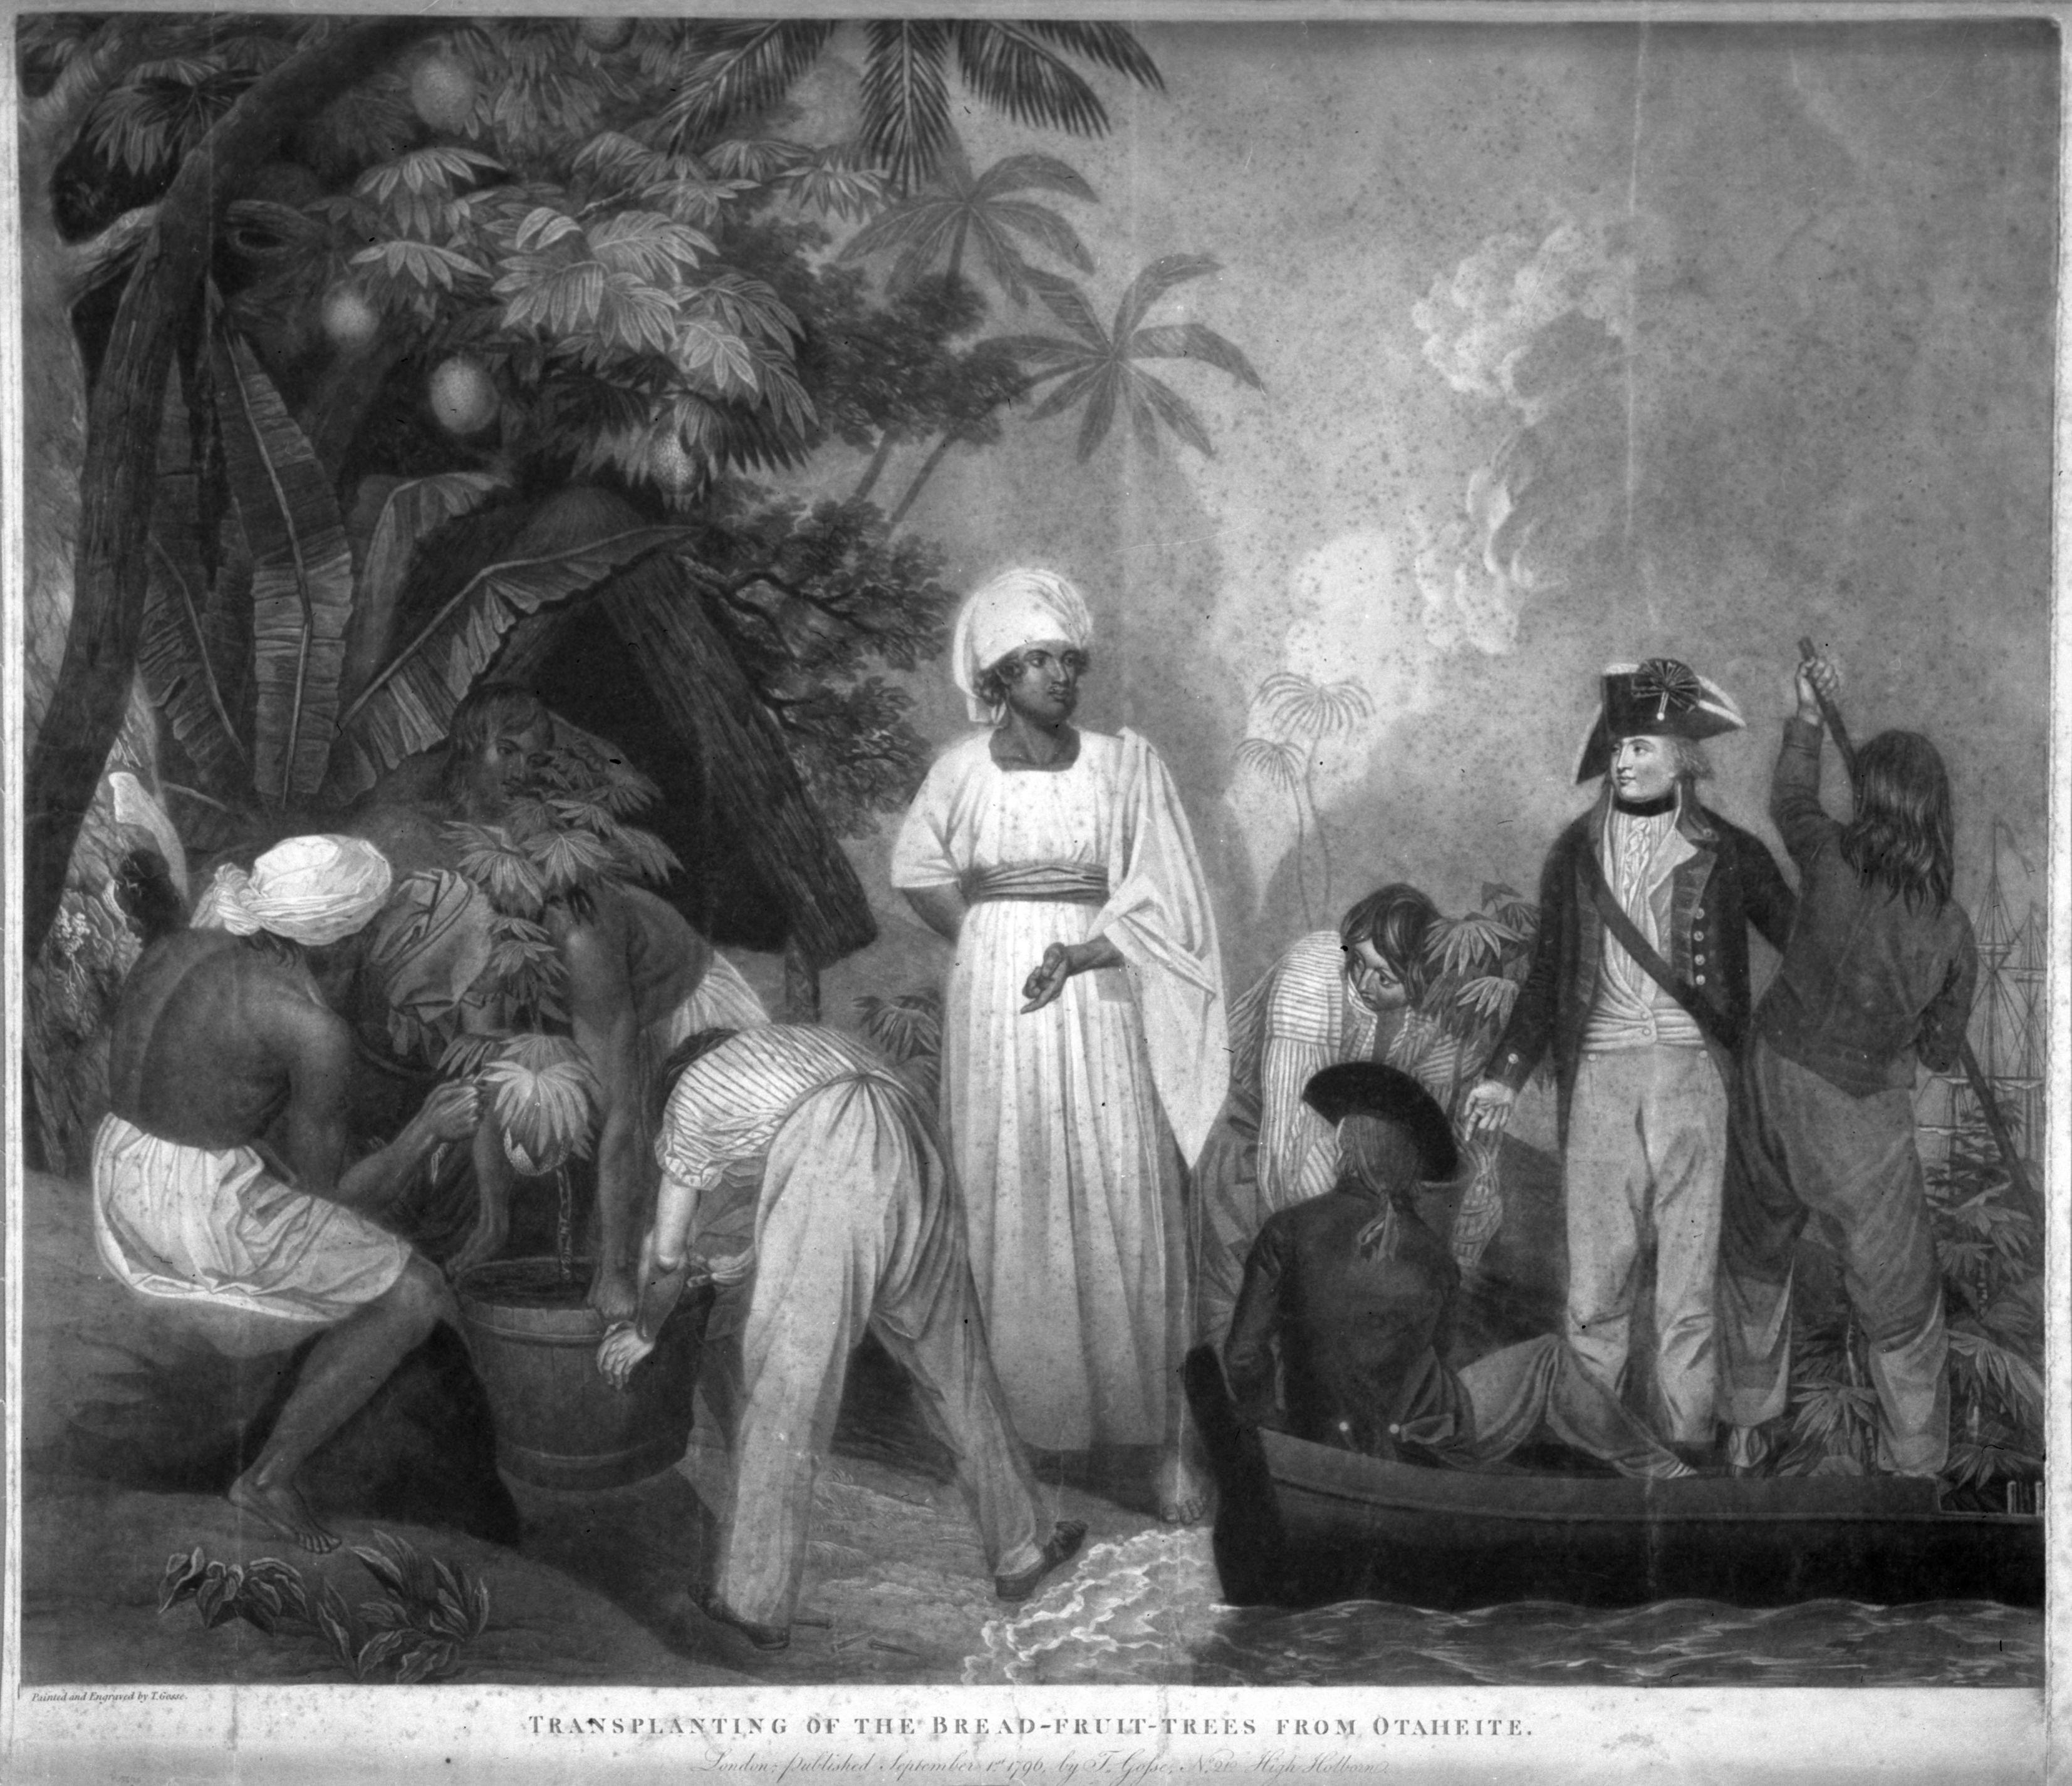 Bligh taking breadfruit trees from Otaheite